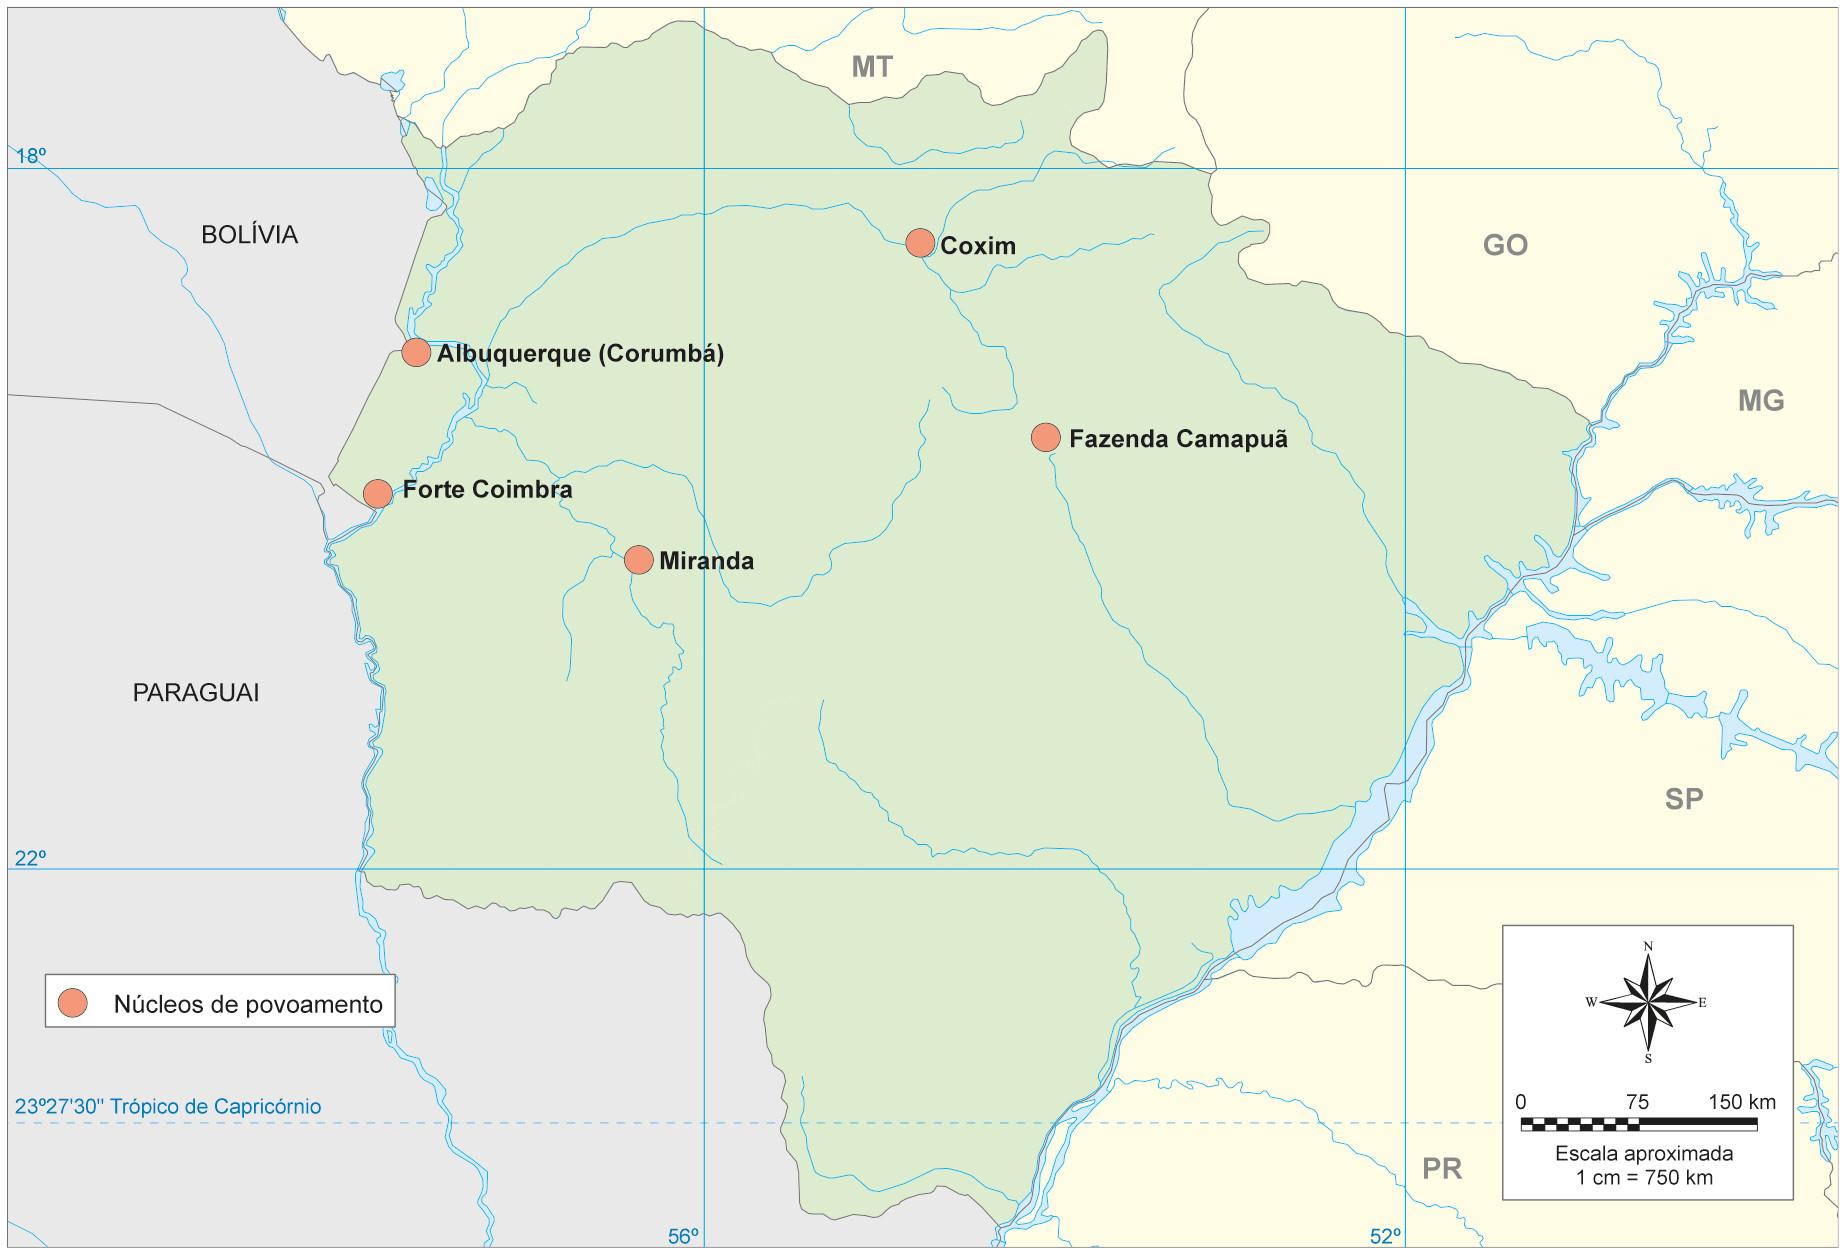 Principais núcleos de povoamento criados no século XVIII